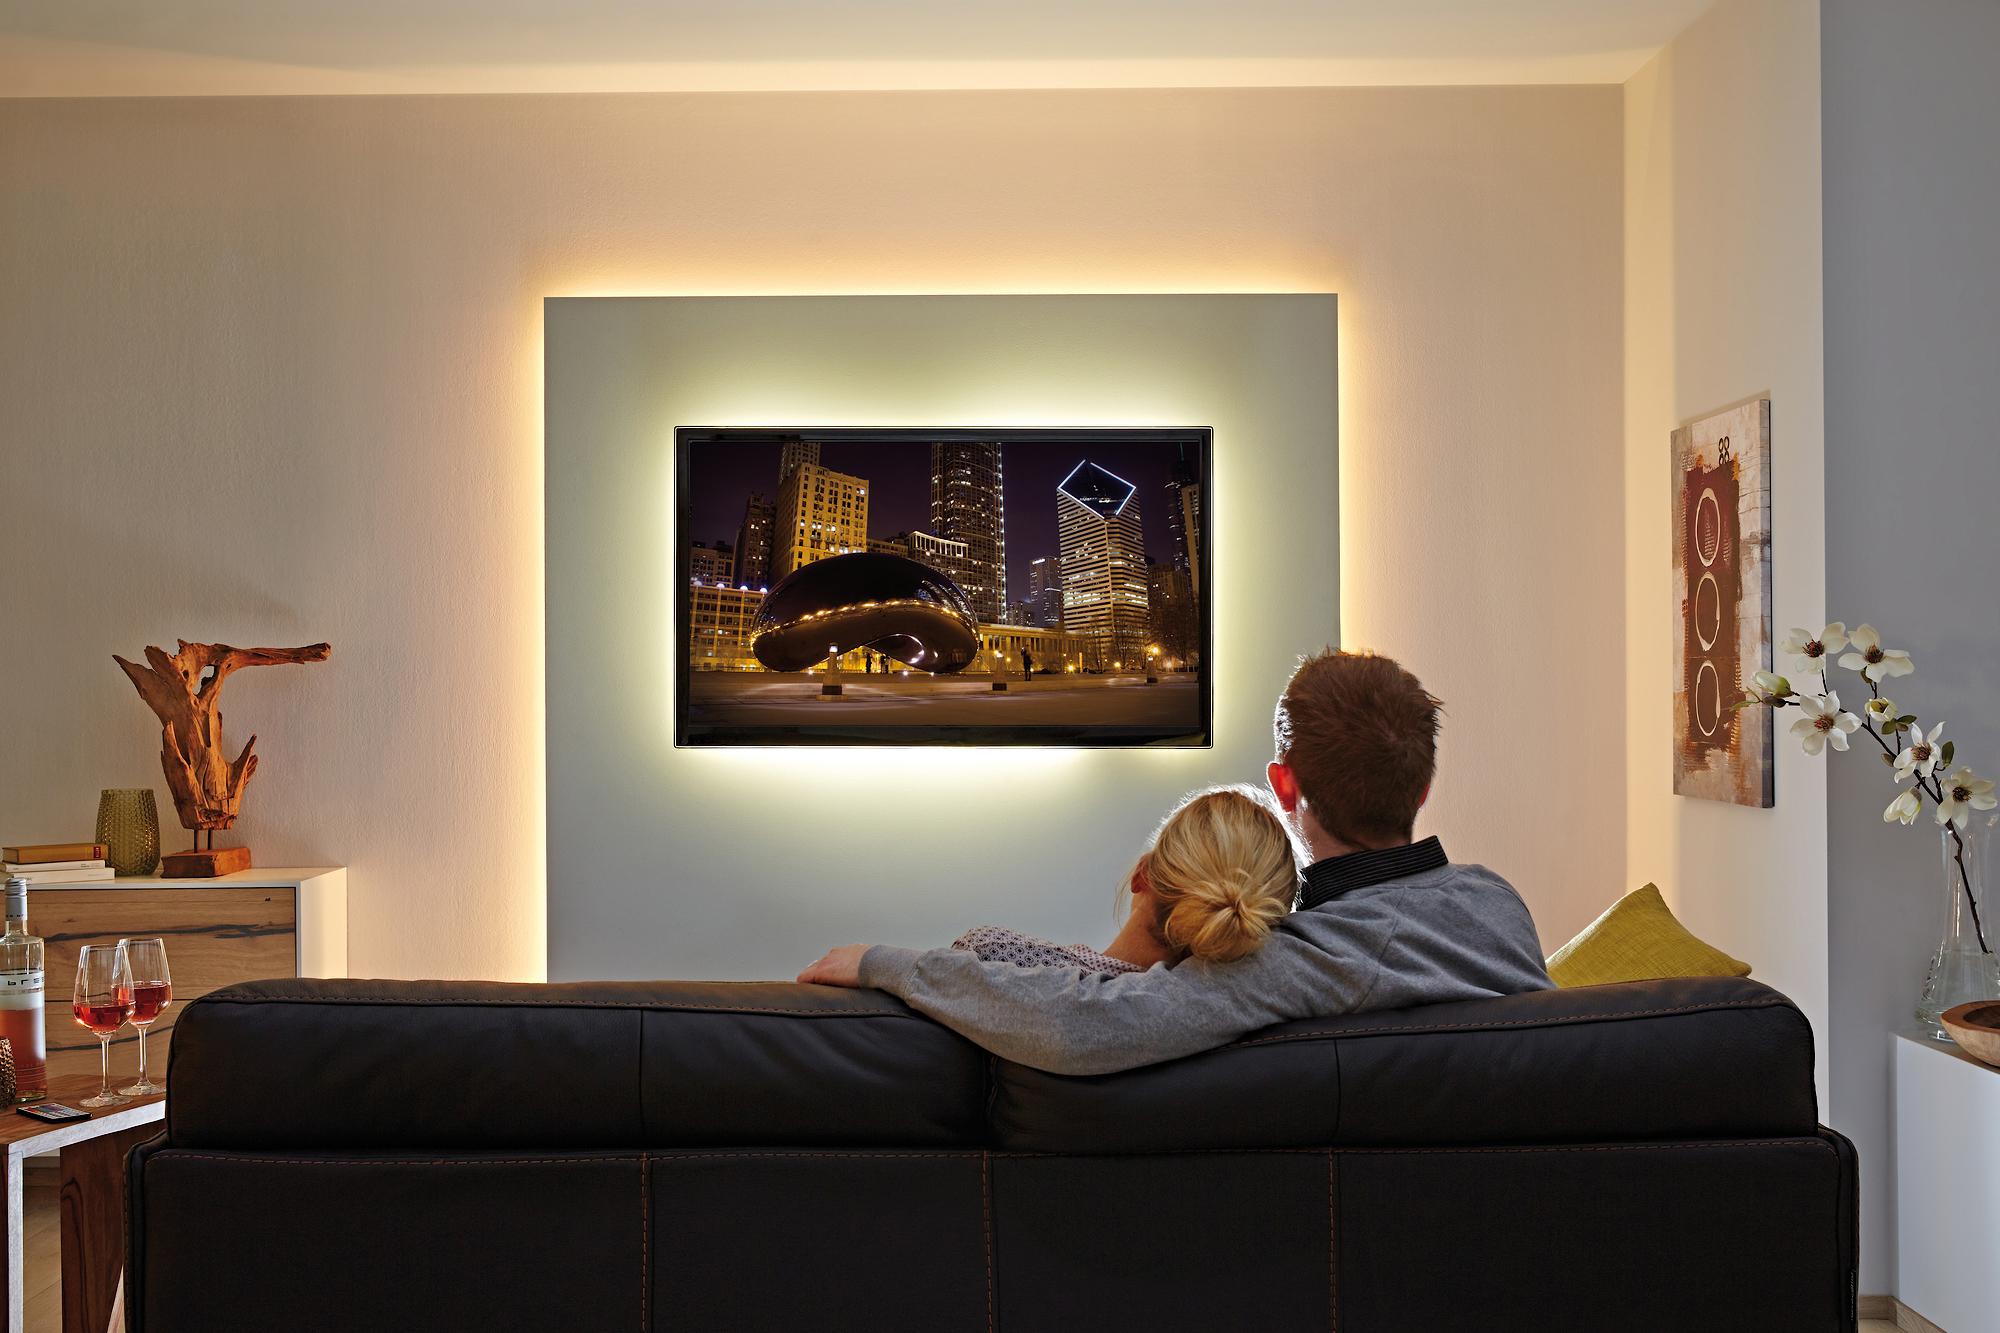 Full Size of Beleuchtung Wohnzimmer Spots Indirekte Wohnwand Led Selber Bauen Planen Mit Leiste Tipps Wohnrume Stripes Und Lichtleisten Von Paulmann Wohnzimmer Wohnzimmer Beleuchtung